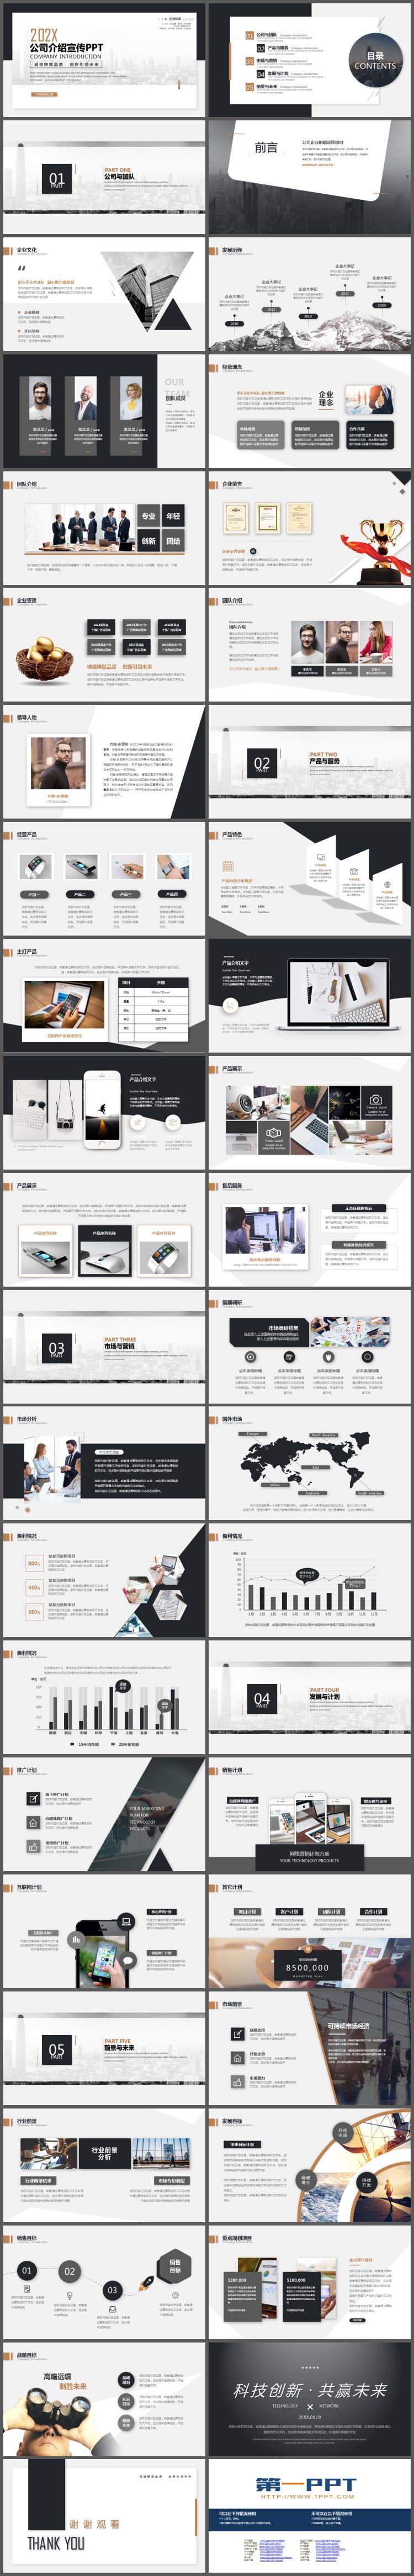 黑白精致公司介绍PPT模板免费下载